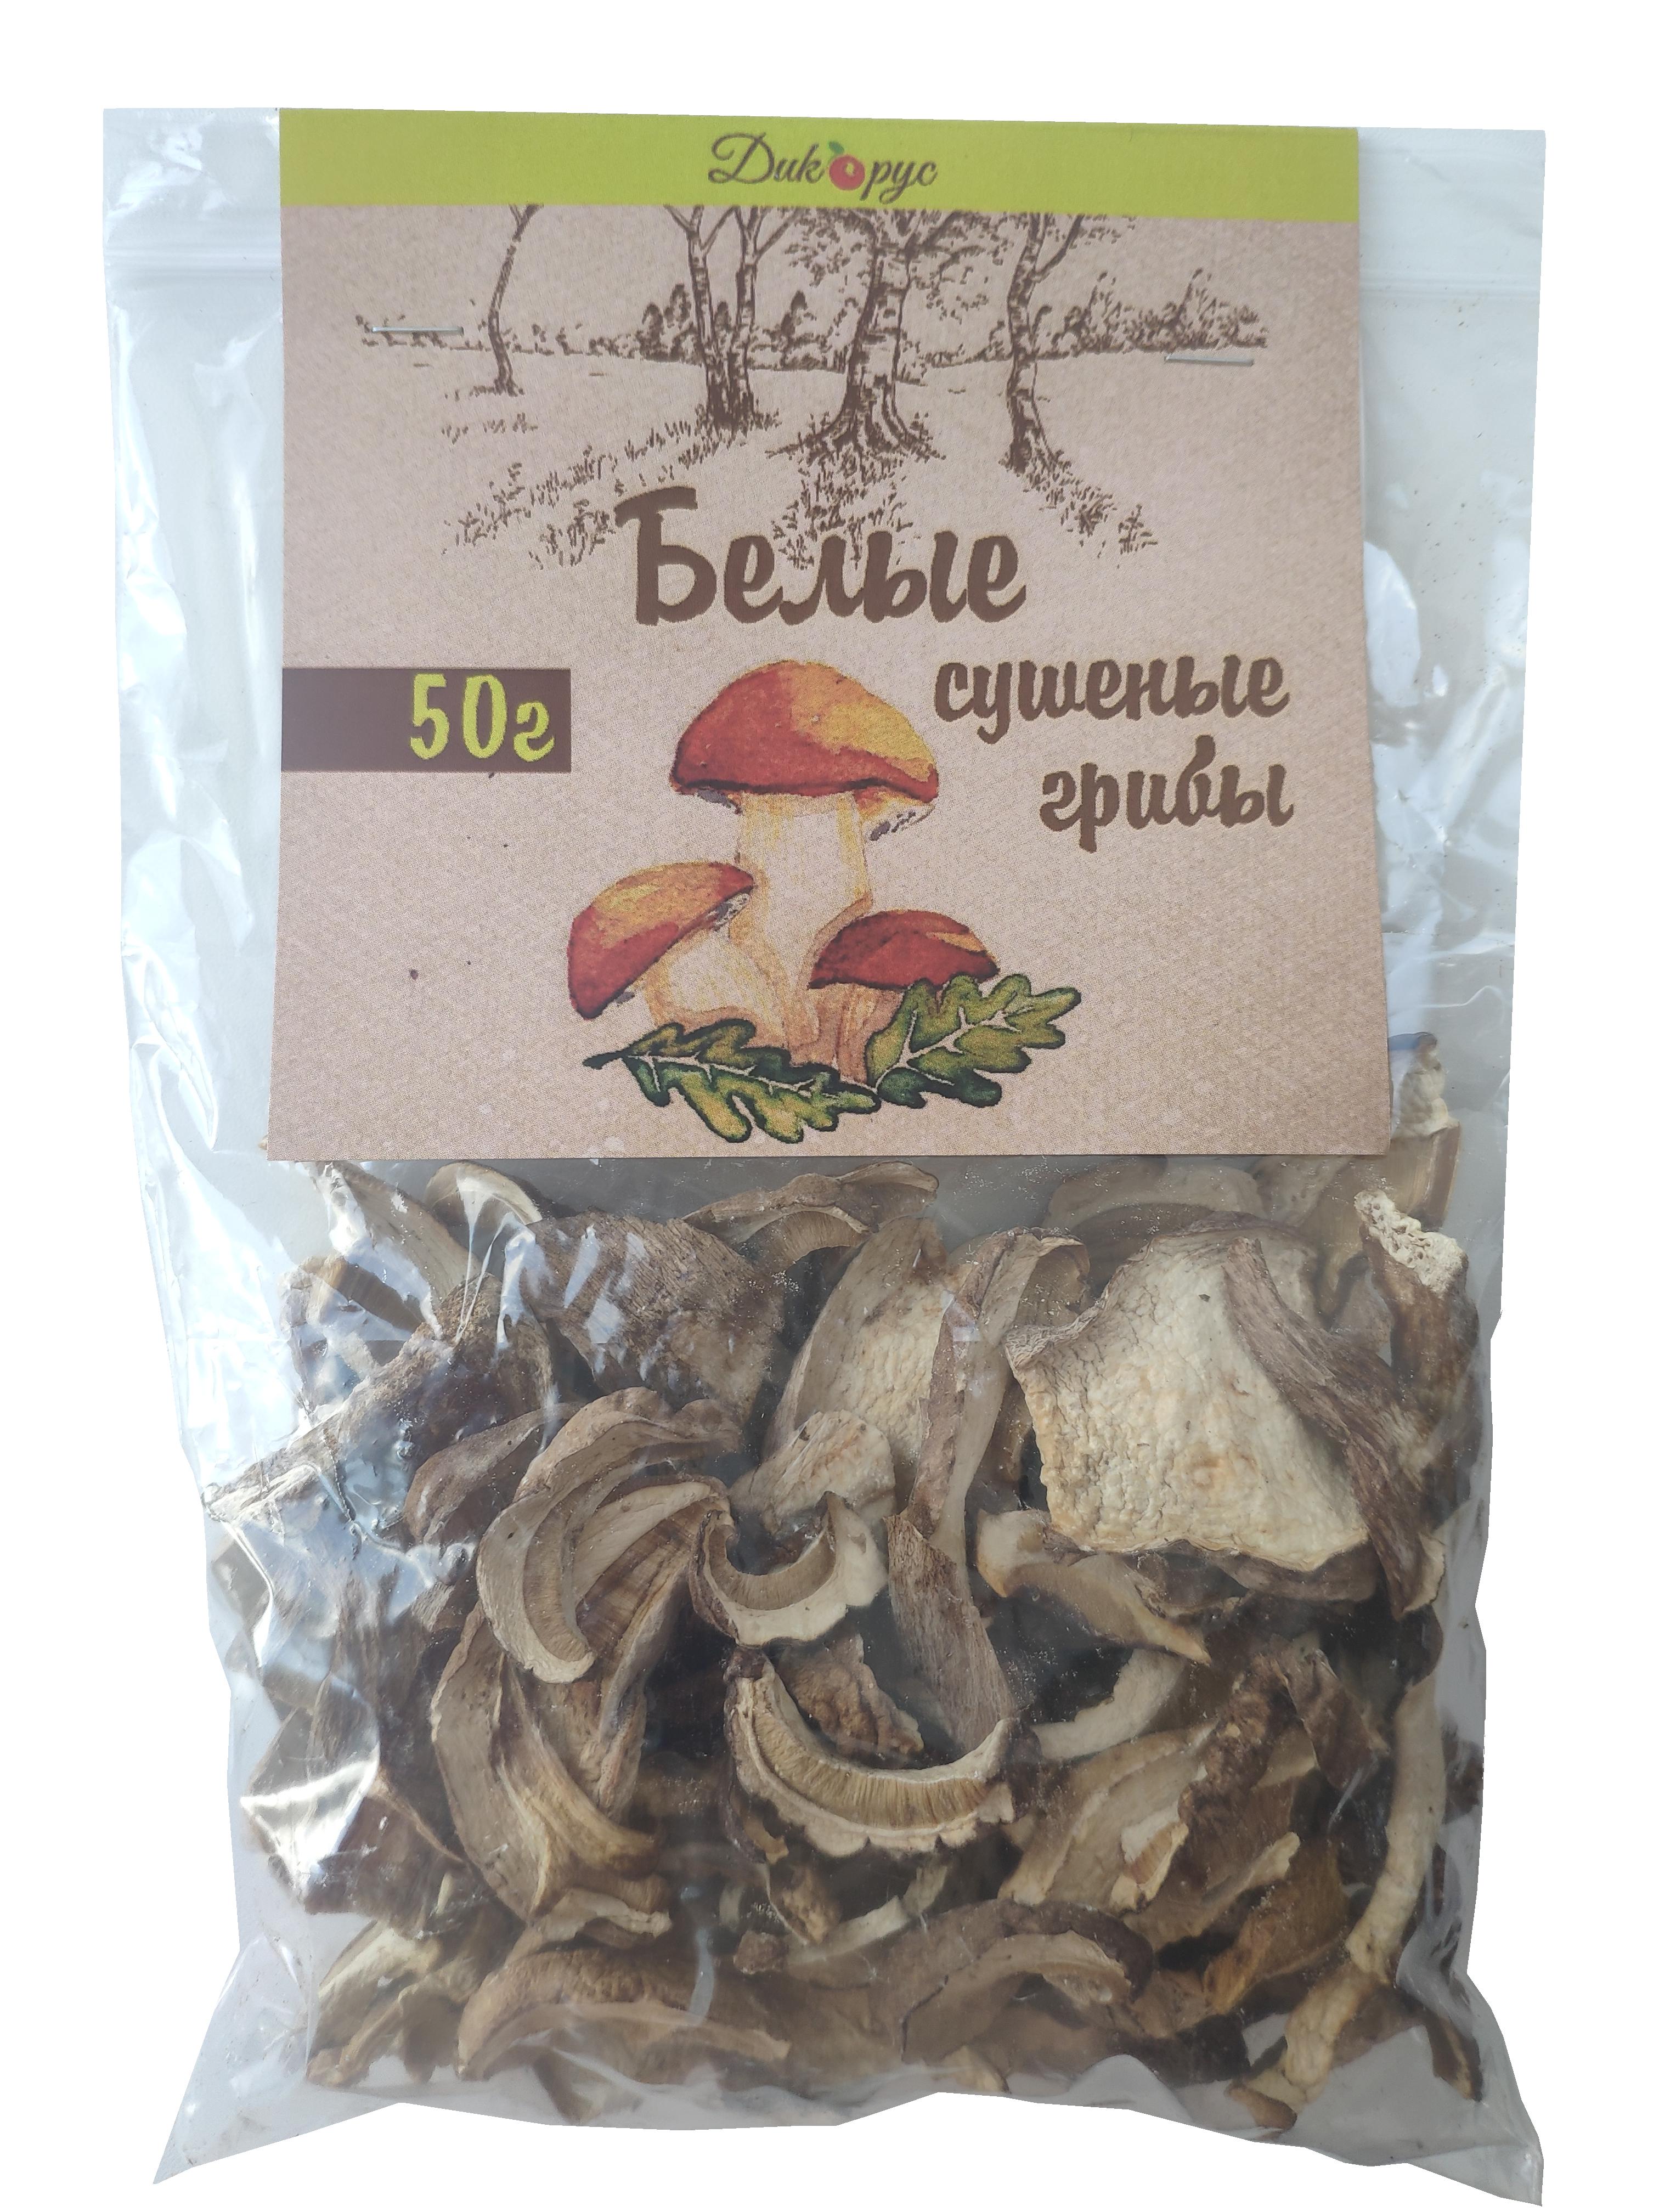 Сушеные былые грибы 50 гр ( Дикорус)